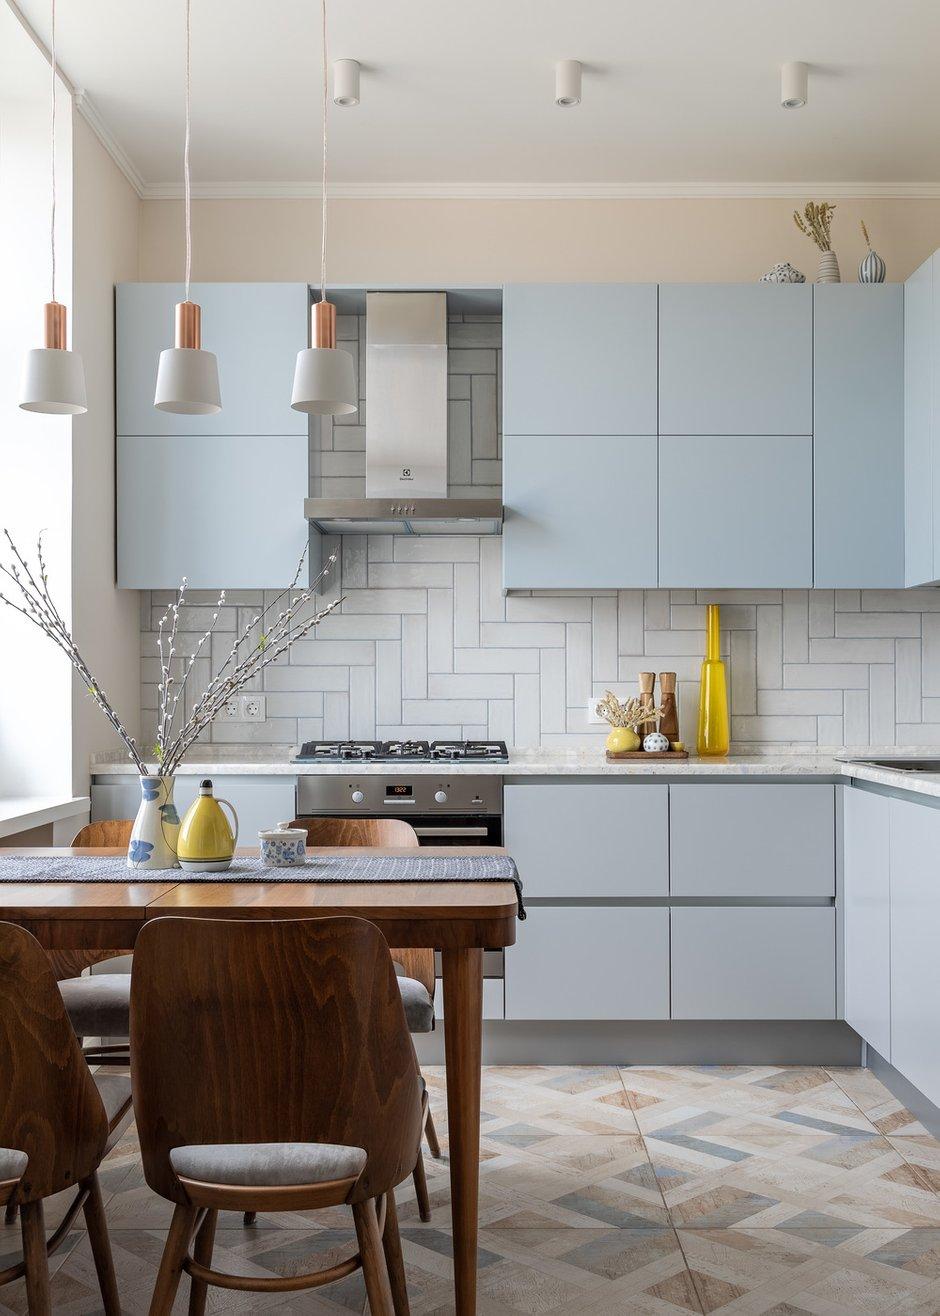 Кухню не переносили, но объединили с гостиной. Газовую плиту оставили, но по нормам сделали раздвижную перегородку между кухней и гостиной по эскизам дизайнеров. Духовка электрическая.